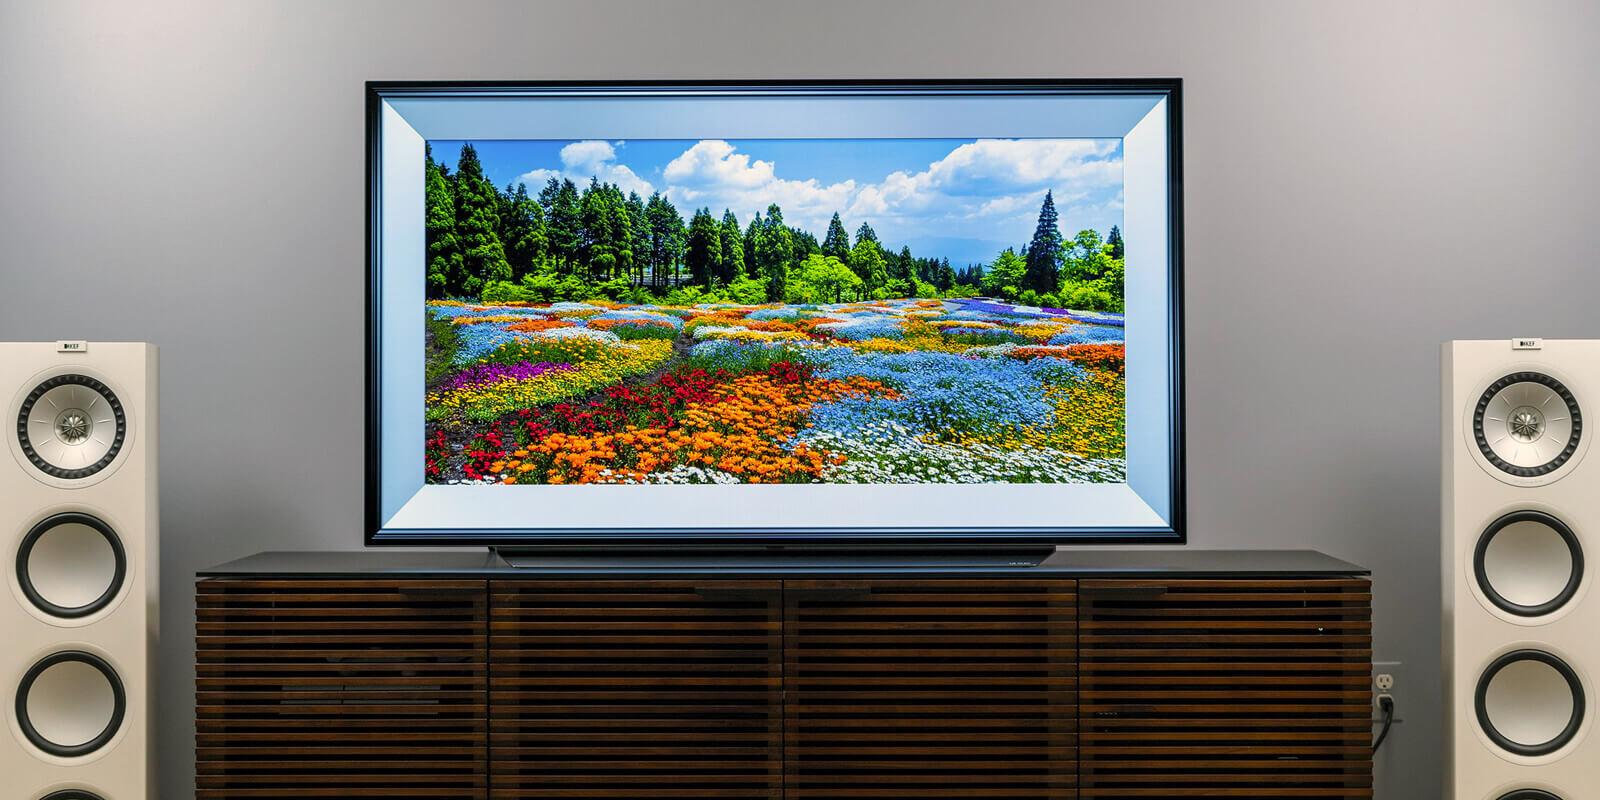 LCD TV repair in New York   Smart·TV